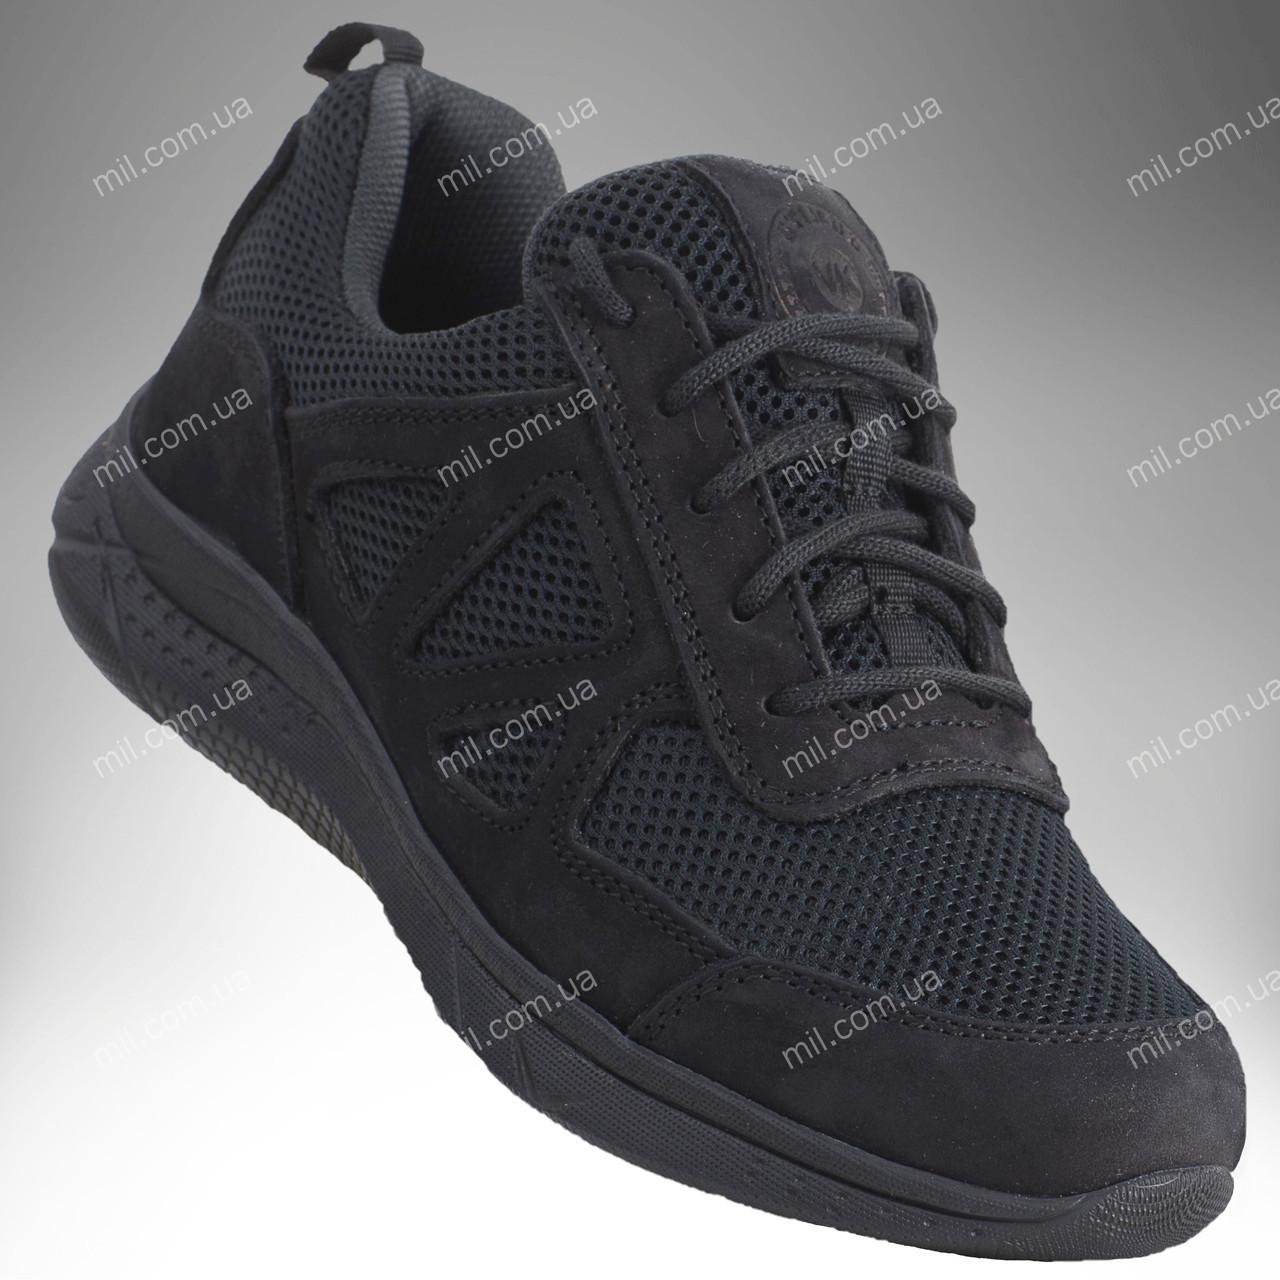 Тактические летние кроссовки / военная обувь, армейская спецобувь ENIGMA Stimul (черный)